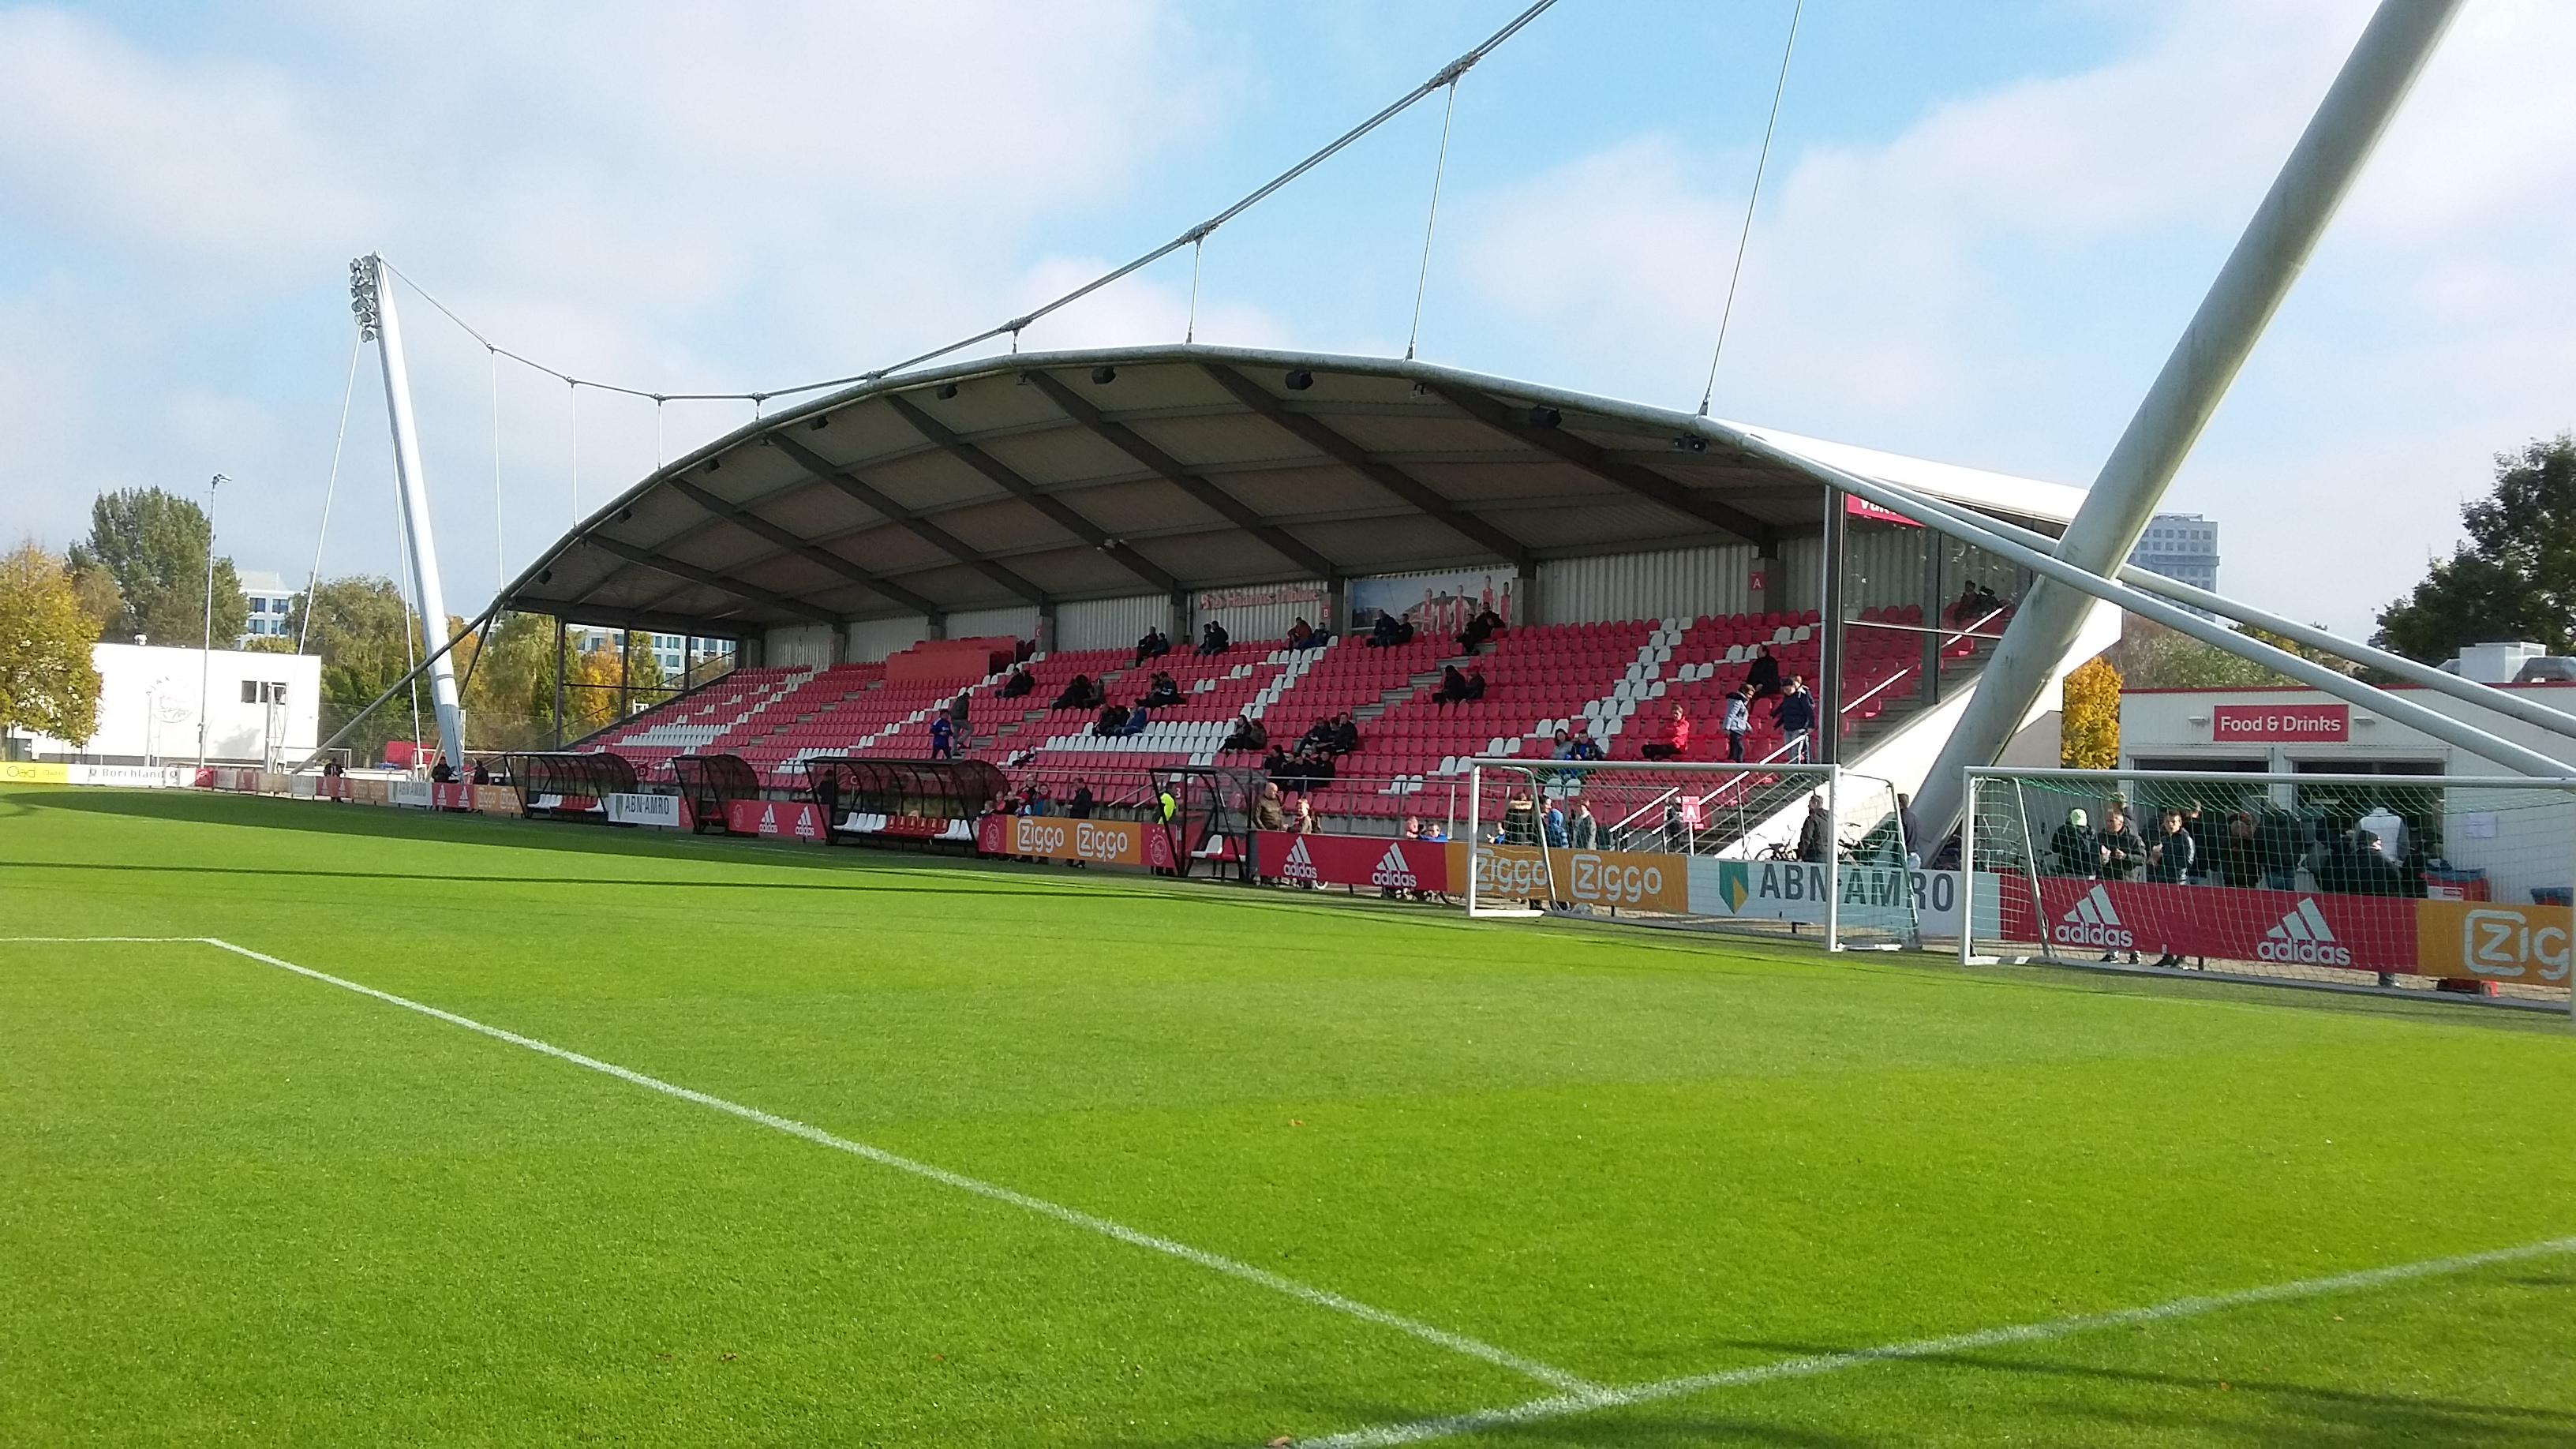 Sportpark De Toekomst - Wikipedia